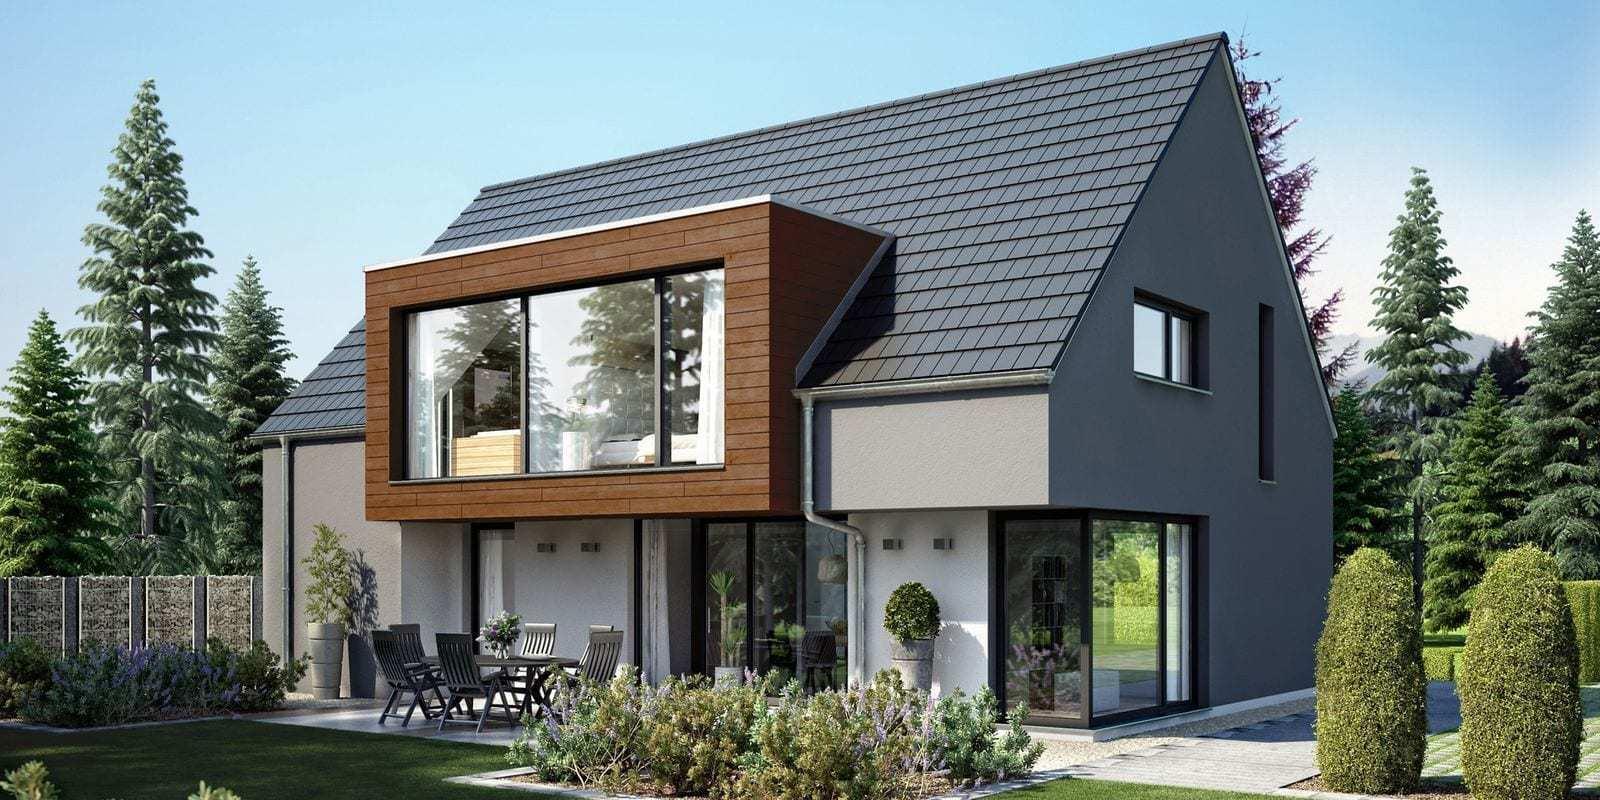 Einfamilienh user kbe for Satteldach einfamilienhaus